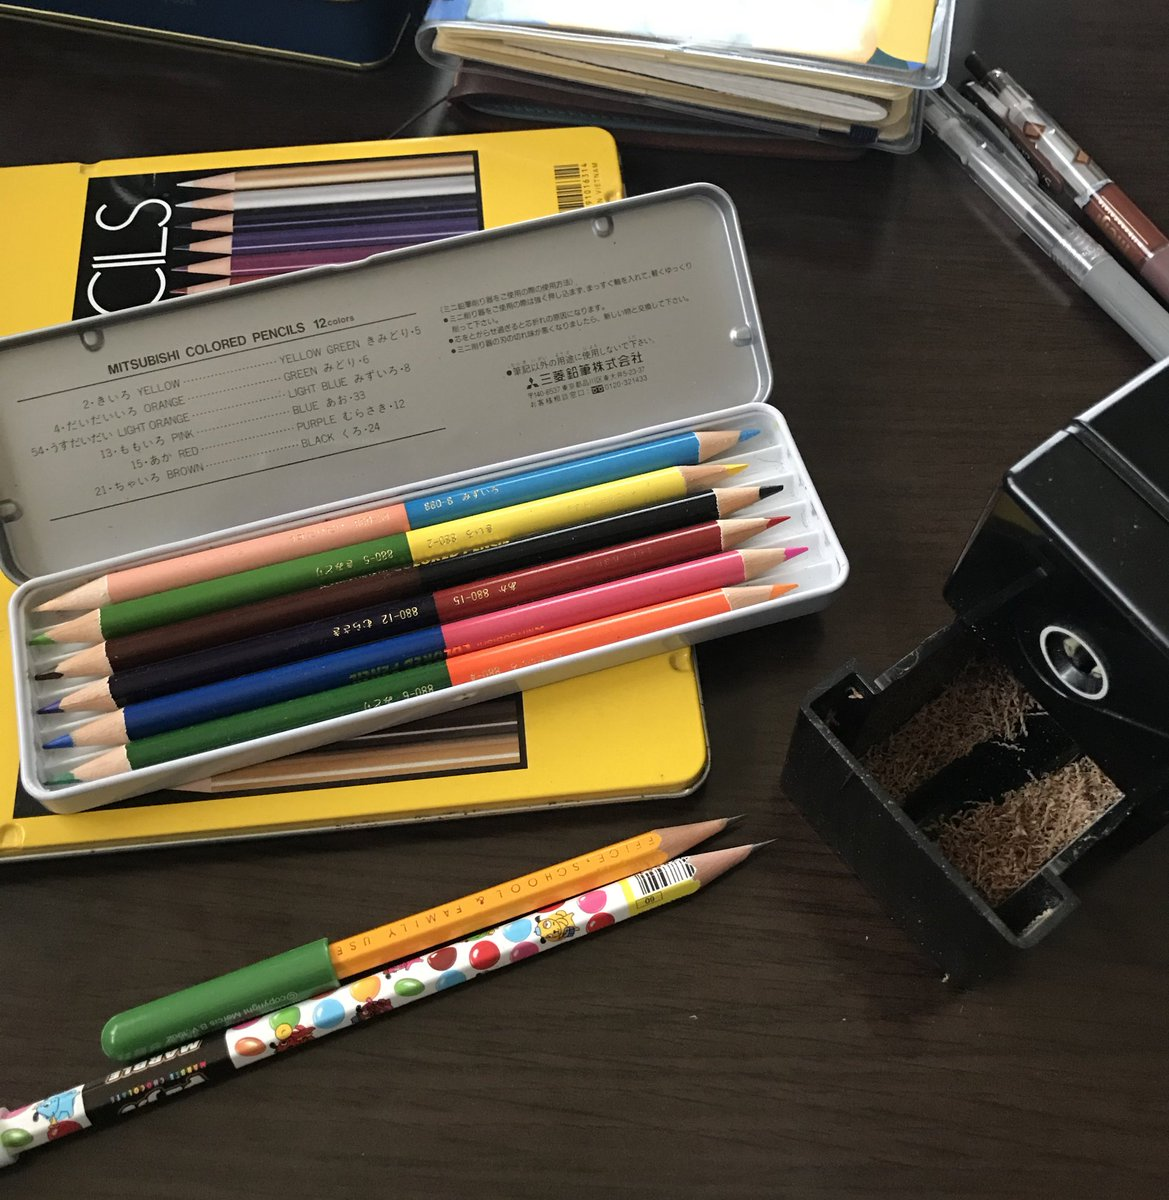 大きな声では言い難いけれど。  どんなアロマよりも私は「鉛筆の削りカス」の木の香りが癒される…(*´∀`*)  ポールペンも、ゲルペンも、シャーペンも良い。  でも、鉛筆のこの香りにはどの筆記具も敵わない  #やっぱりダメな人pic.twitter.com/MLZUksxHbF